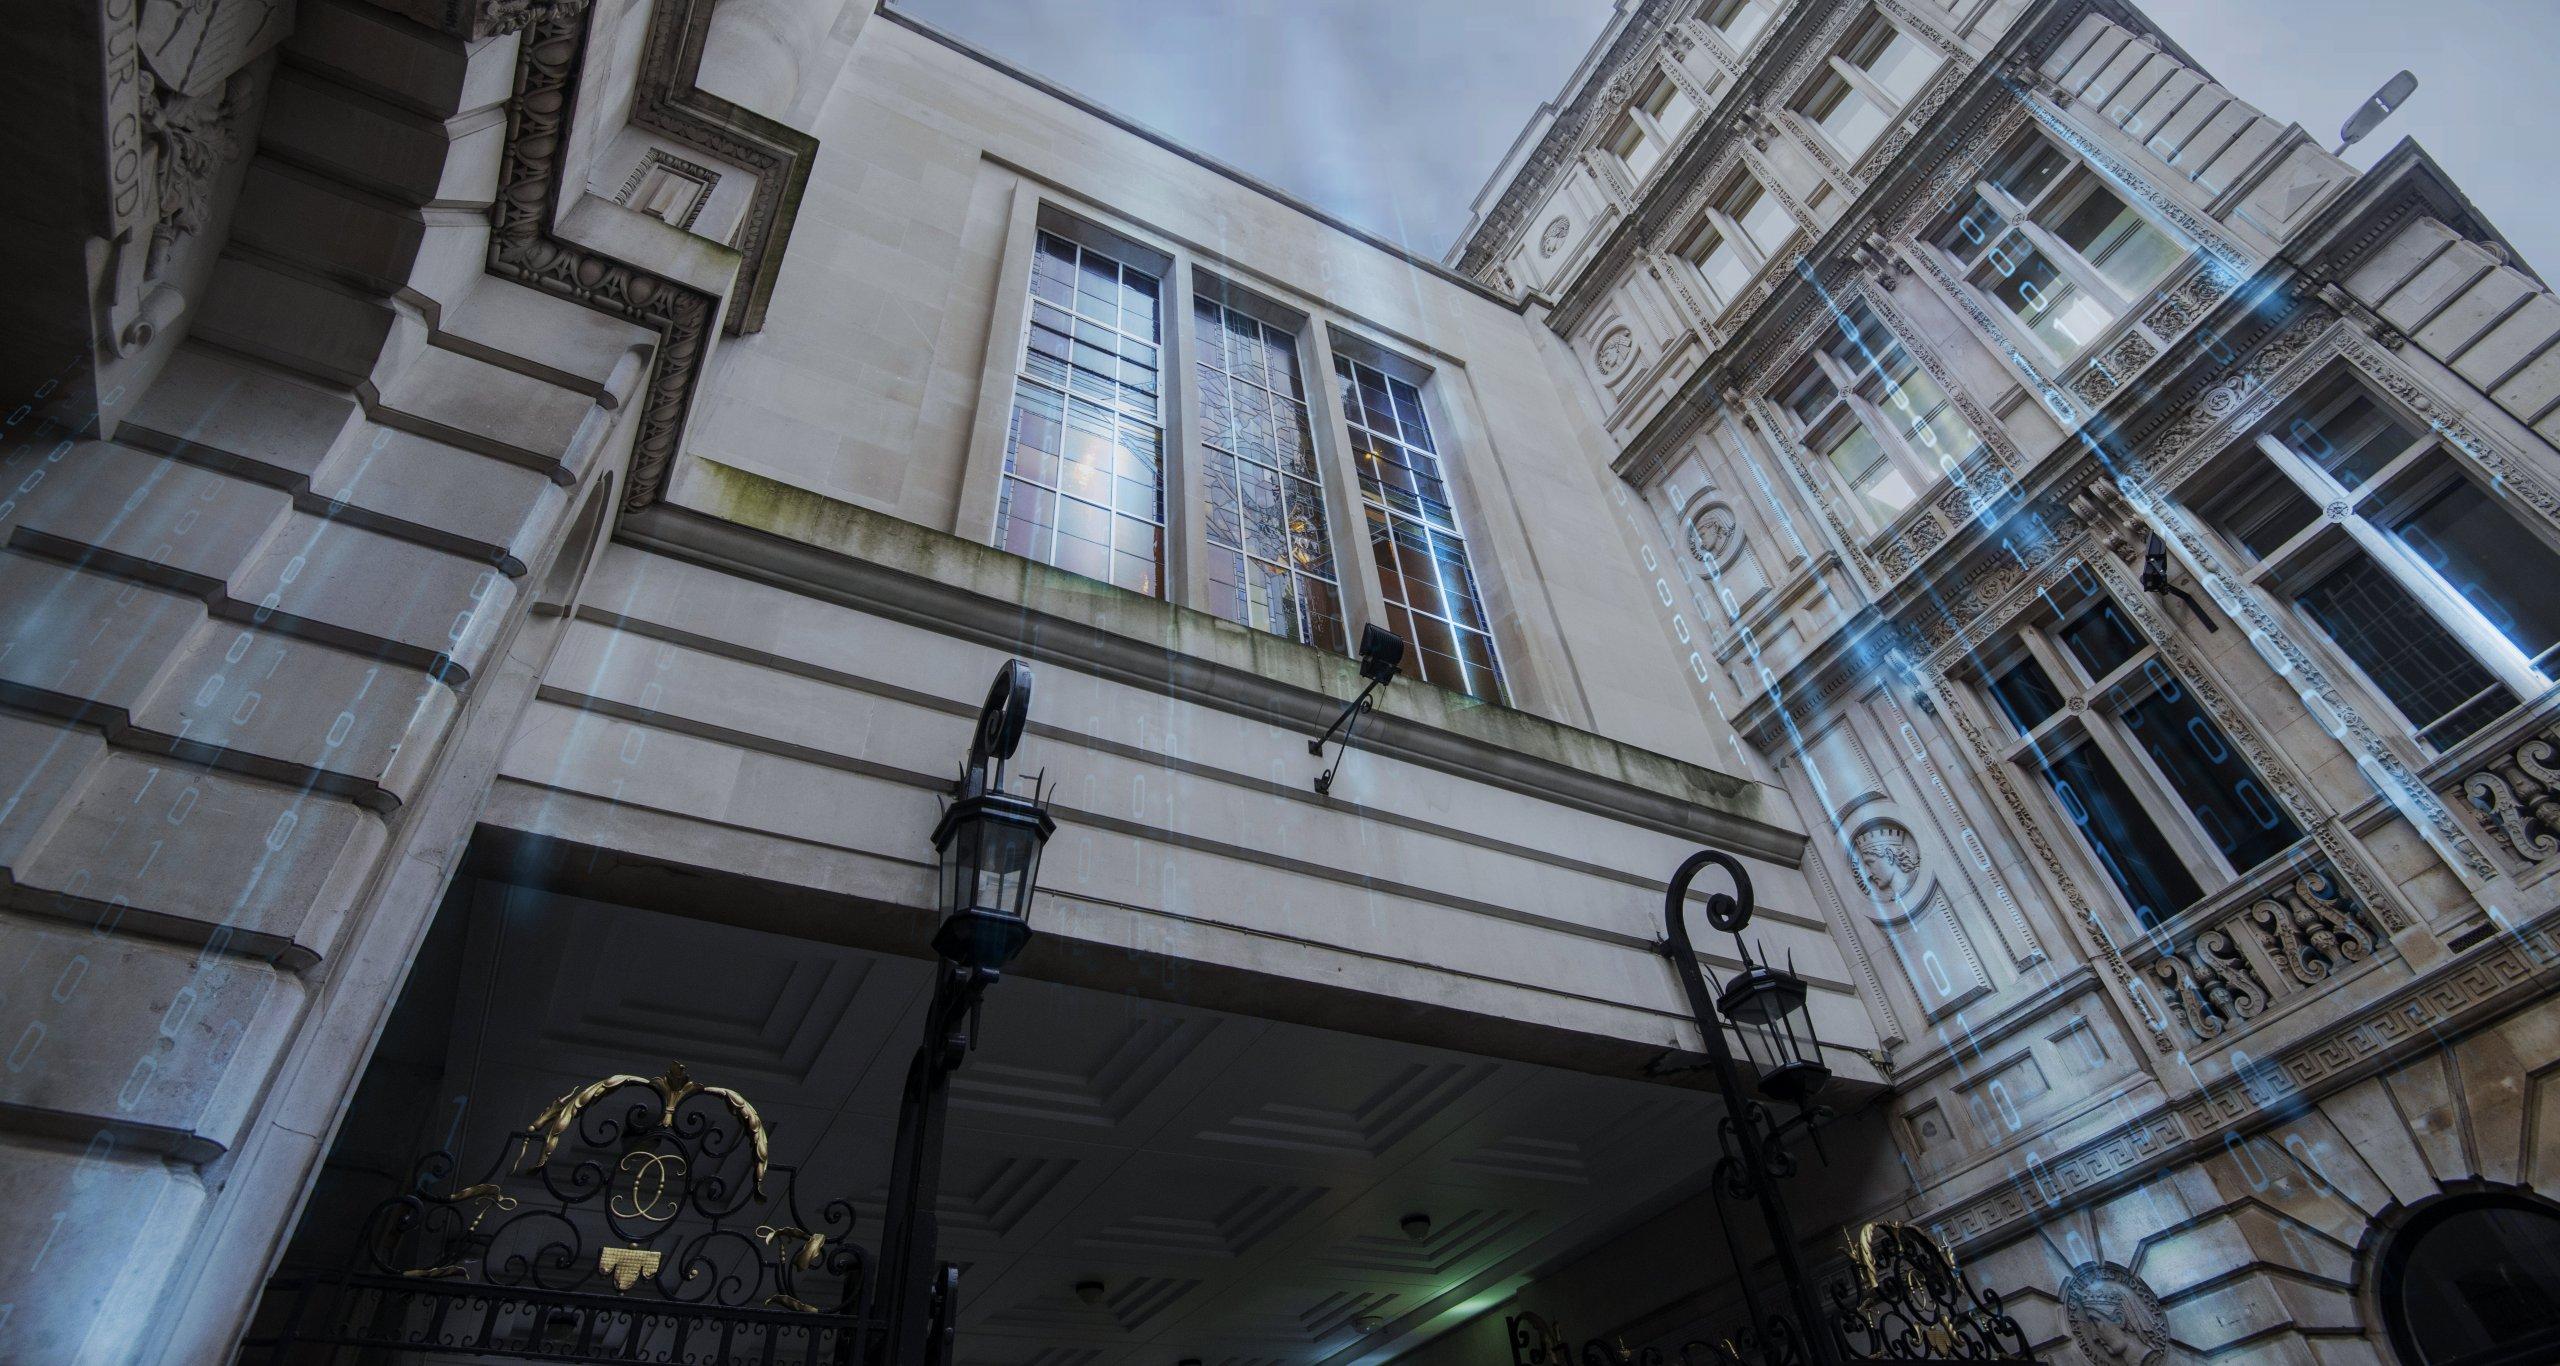 Outside Redscan's office in London